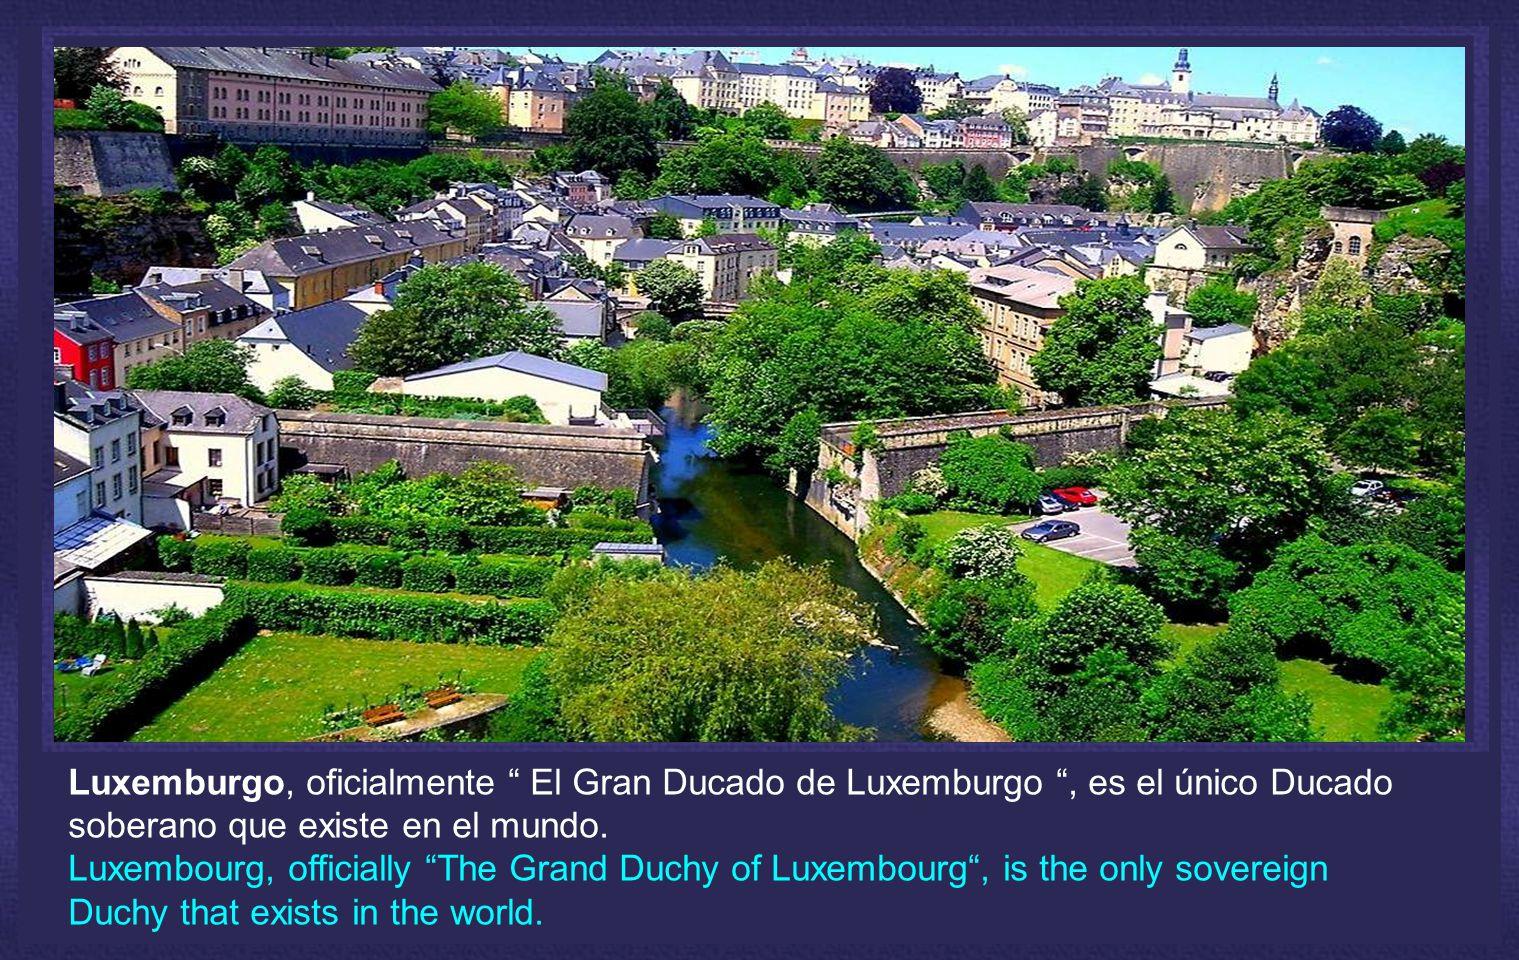 Luxemburgo, oficialmente El Gran Ducado de Luxemburgo, es el único Ducado soberano que existe en el mundo.